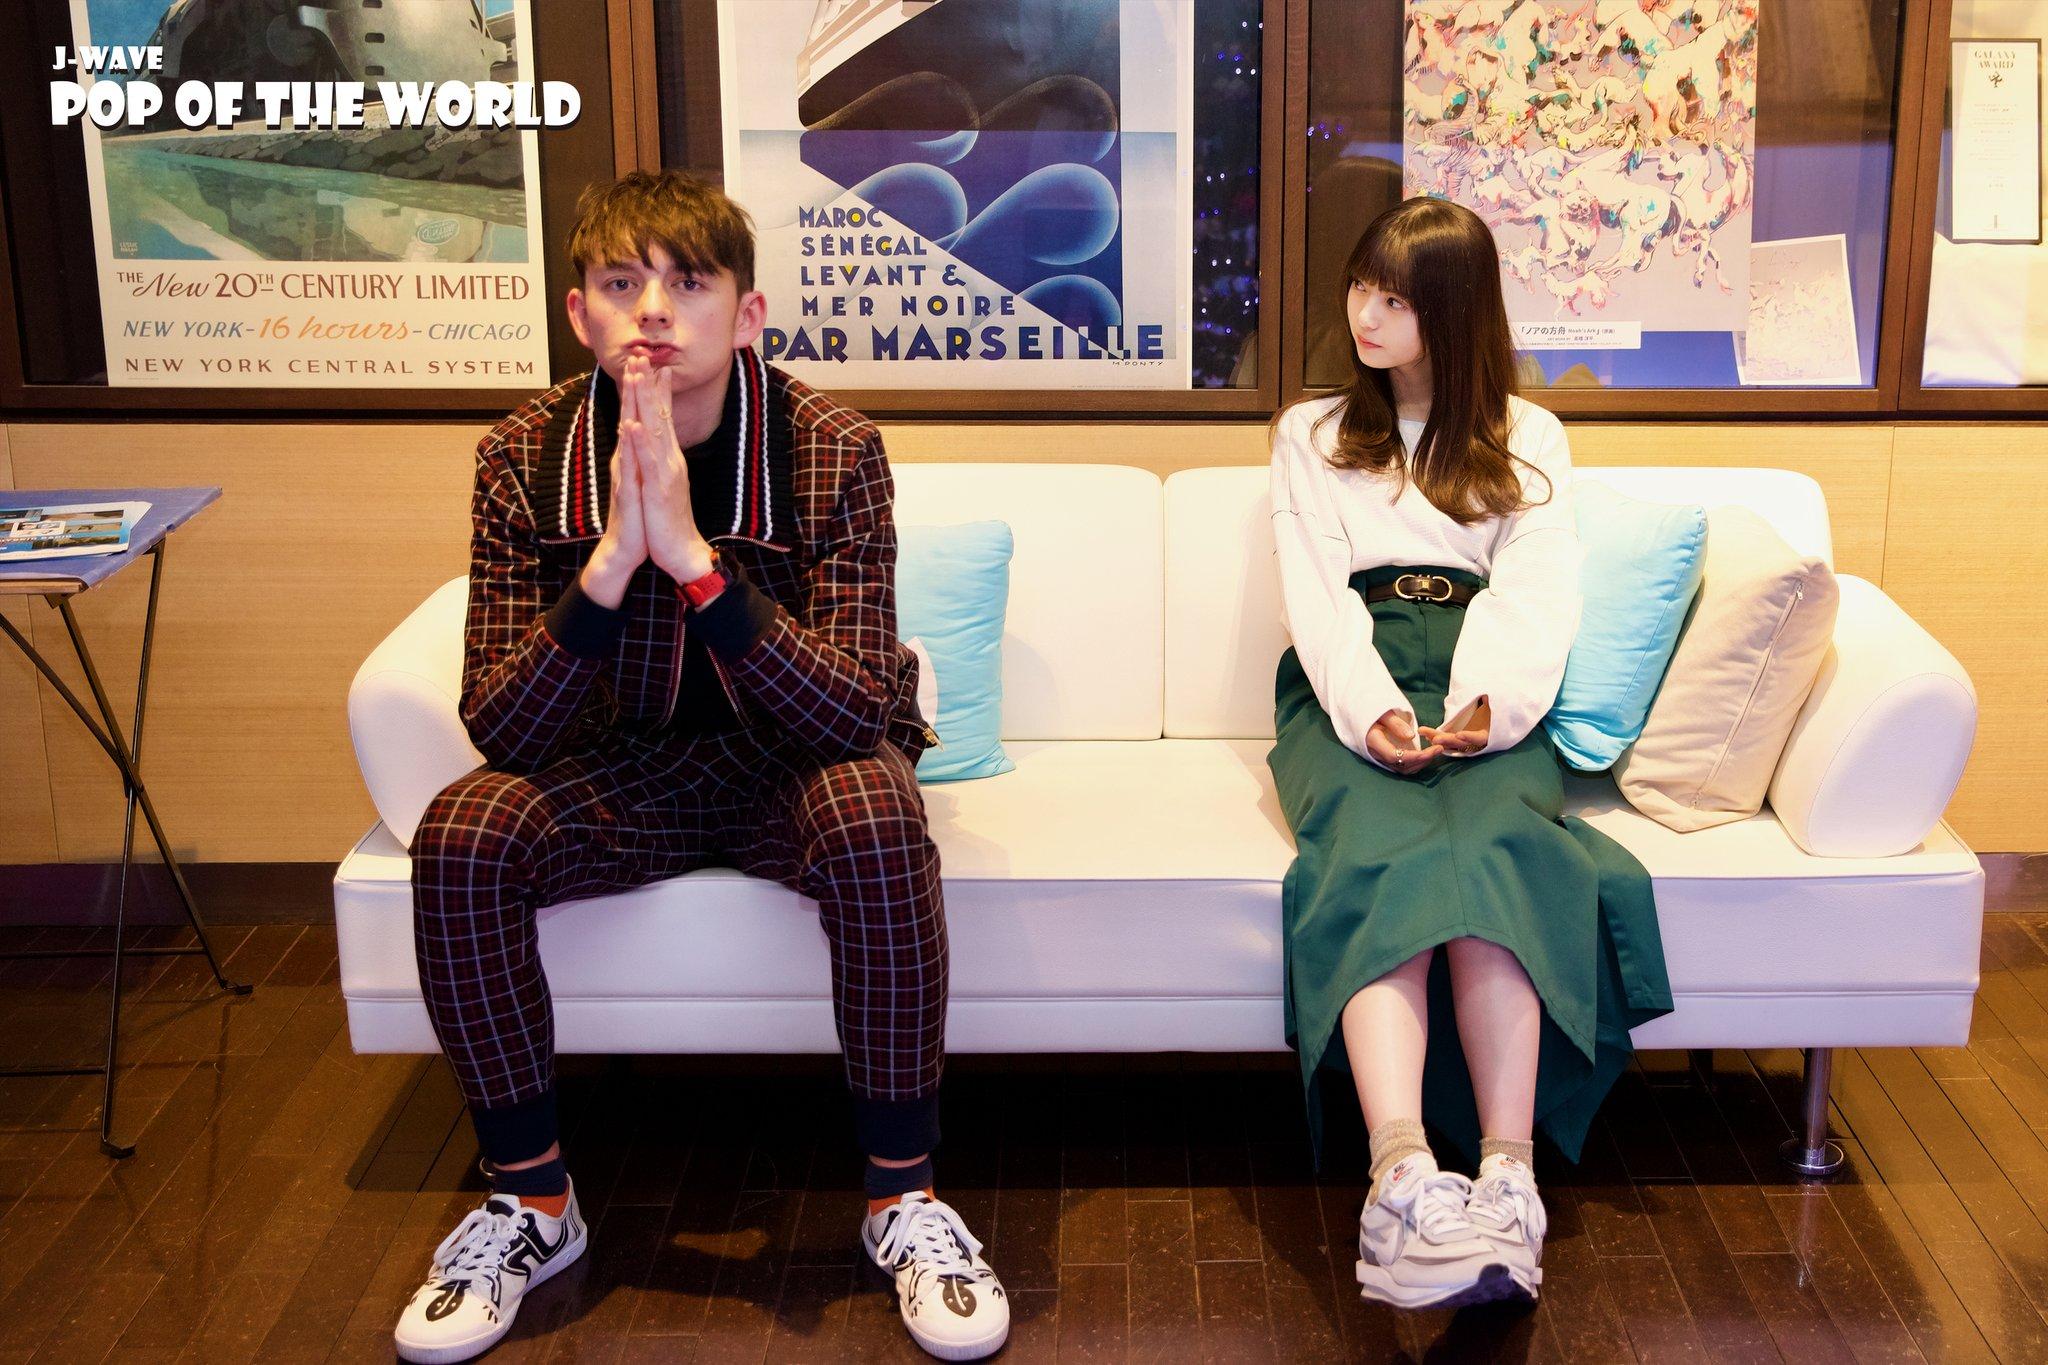 齋藤飛鳥 POP OF THE WORLD